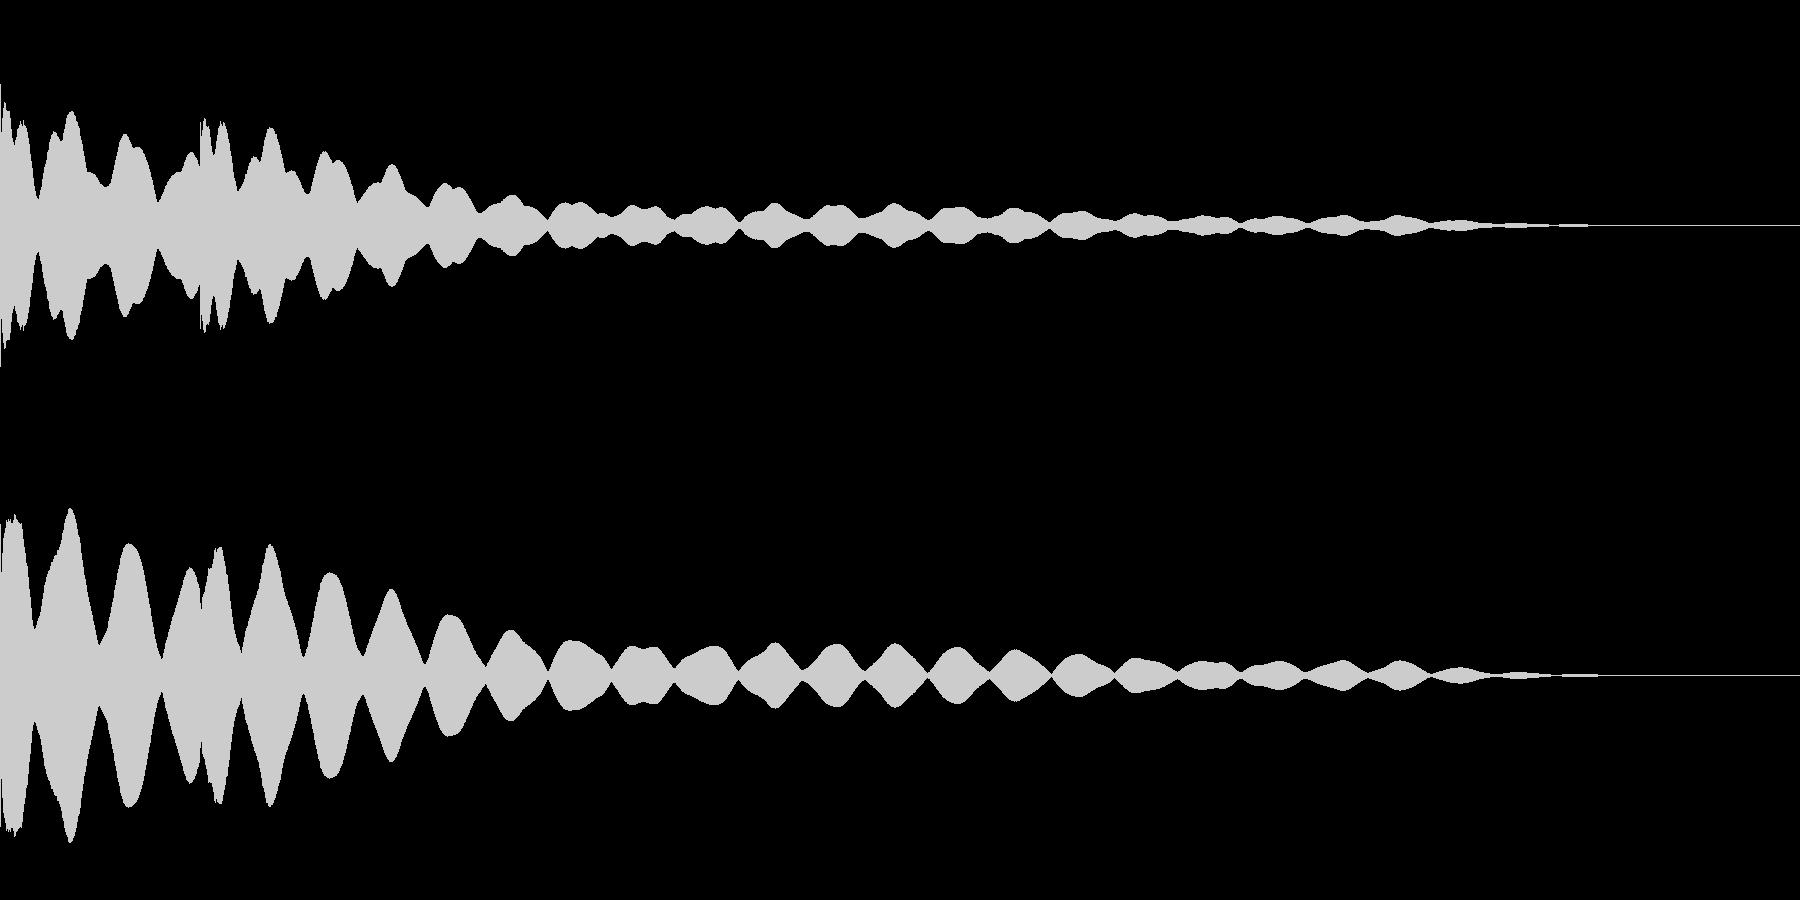 チーンチーン 仏壇の鐘の音1 リバーブ付の未再生の波形